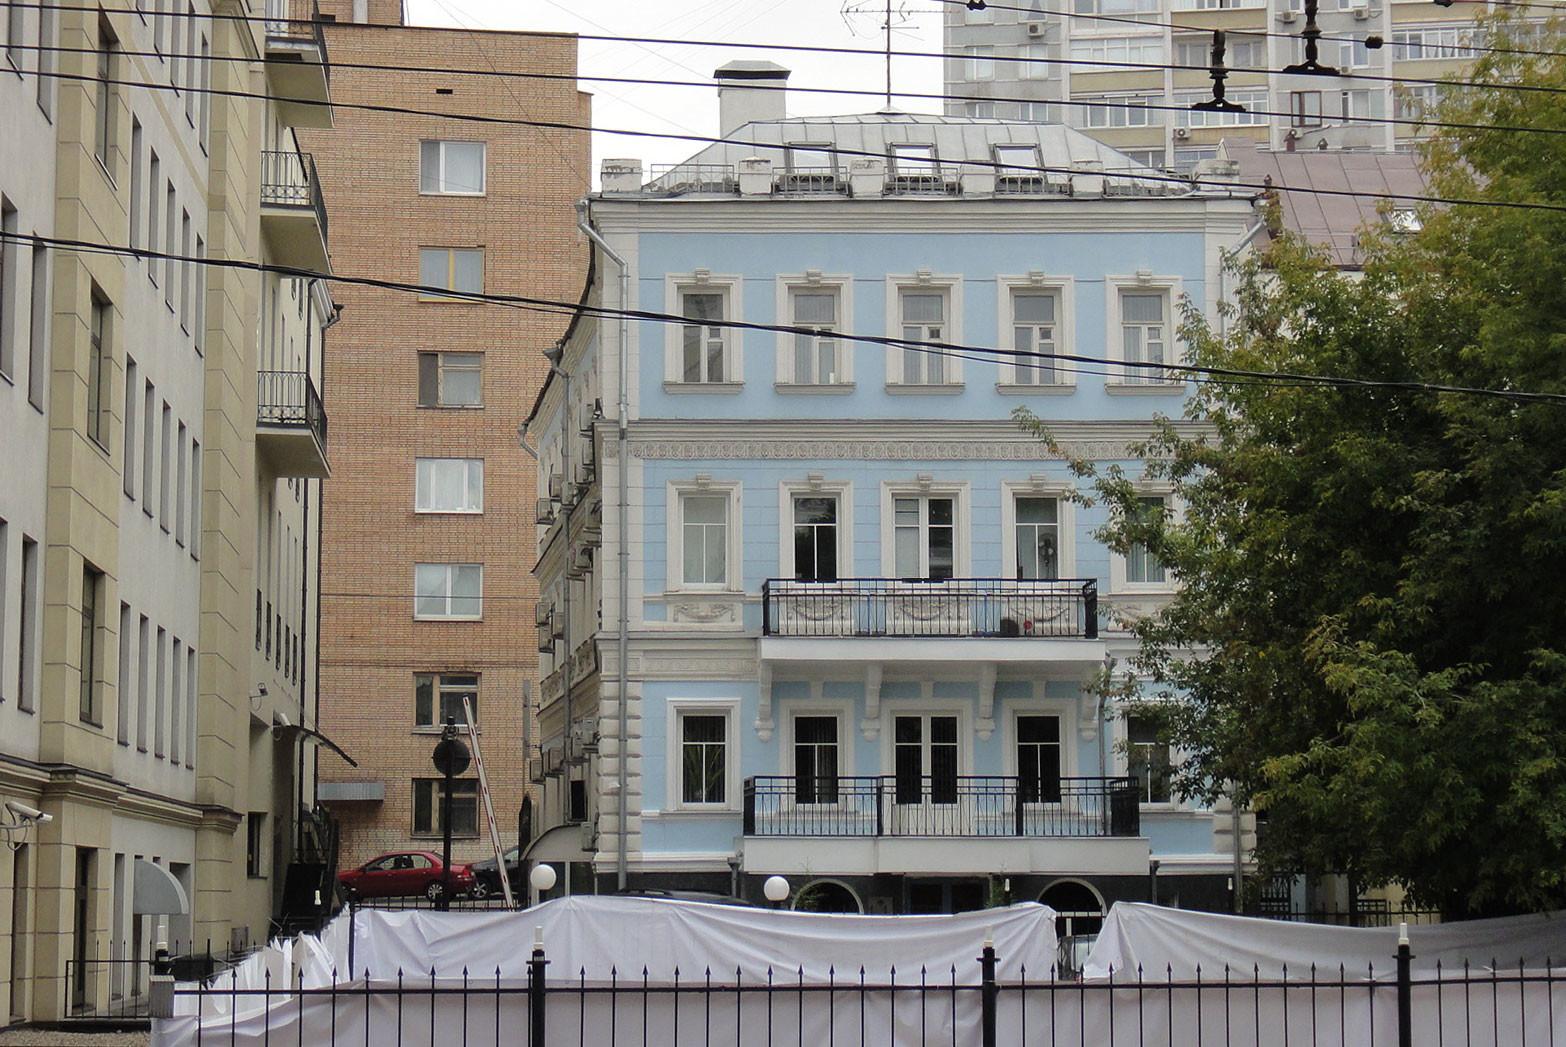 """Дом из фильма """"Покровские ворота"""" (вид с Гоголевского бульвара; первый этаж скрыт за забором). Фото: © Wikipedia.org"""